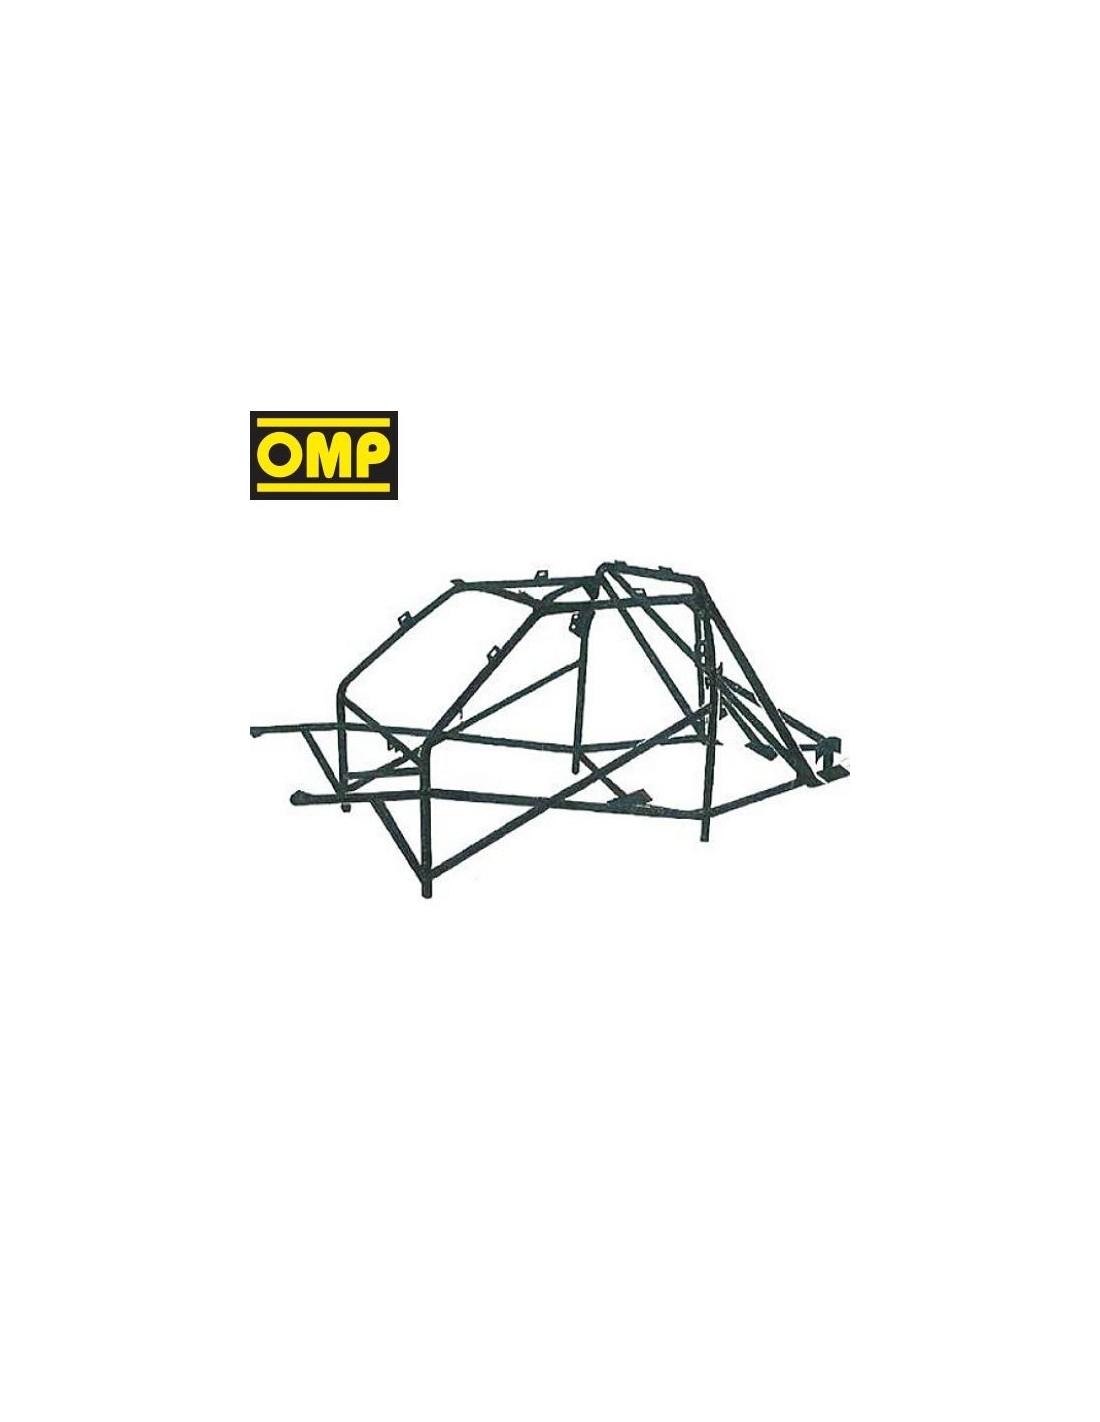 Arceau De Securite Structure Multipoints Homologue Ons Omp